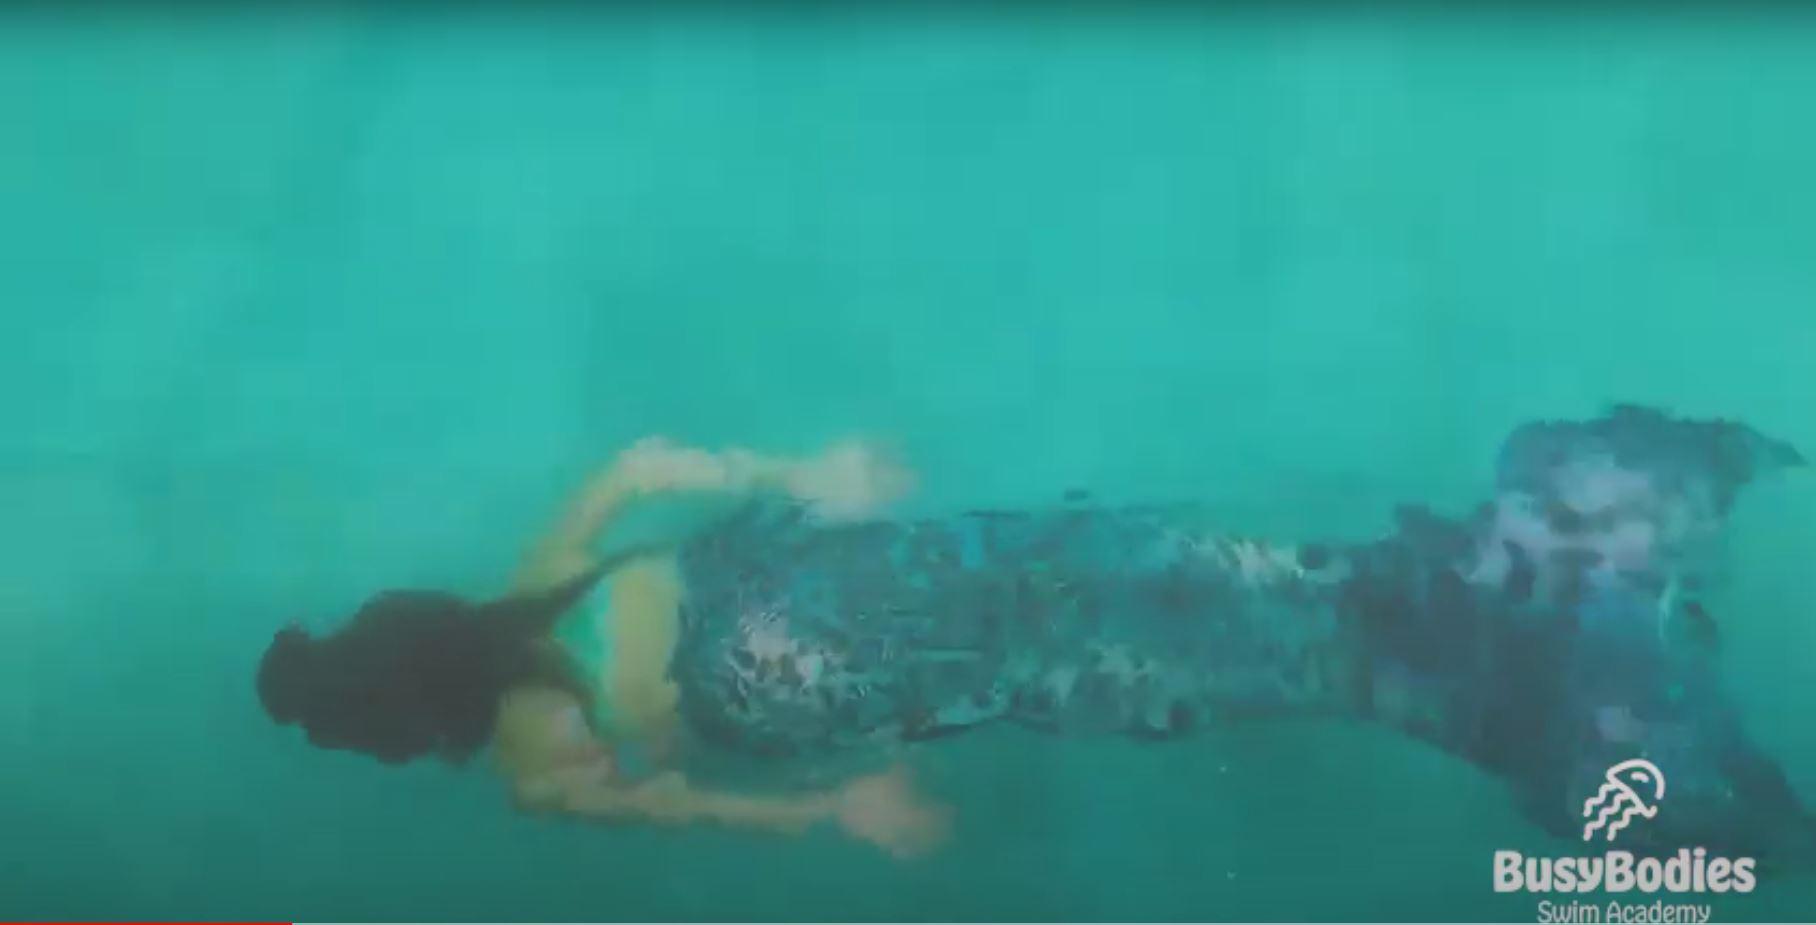 kernow-mermaids-video